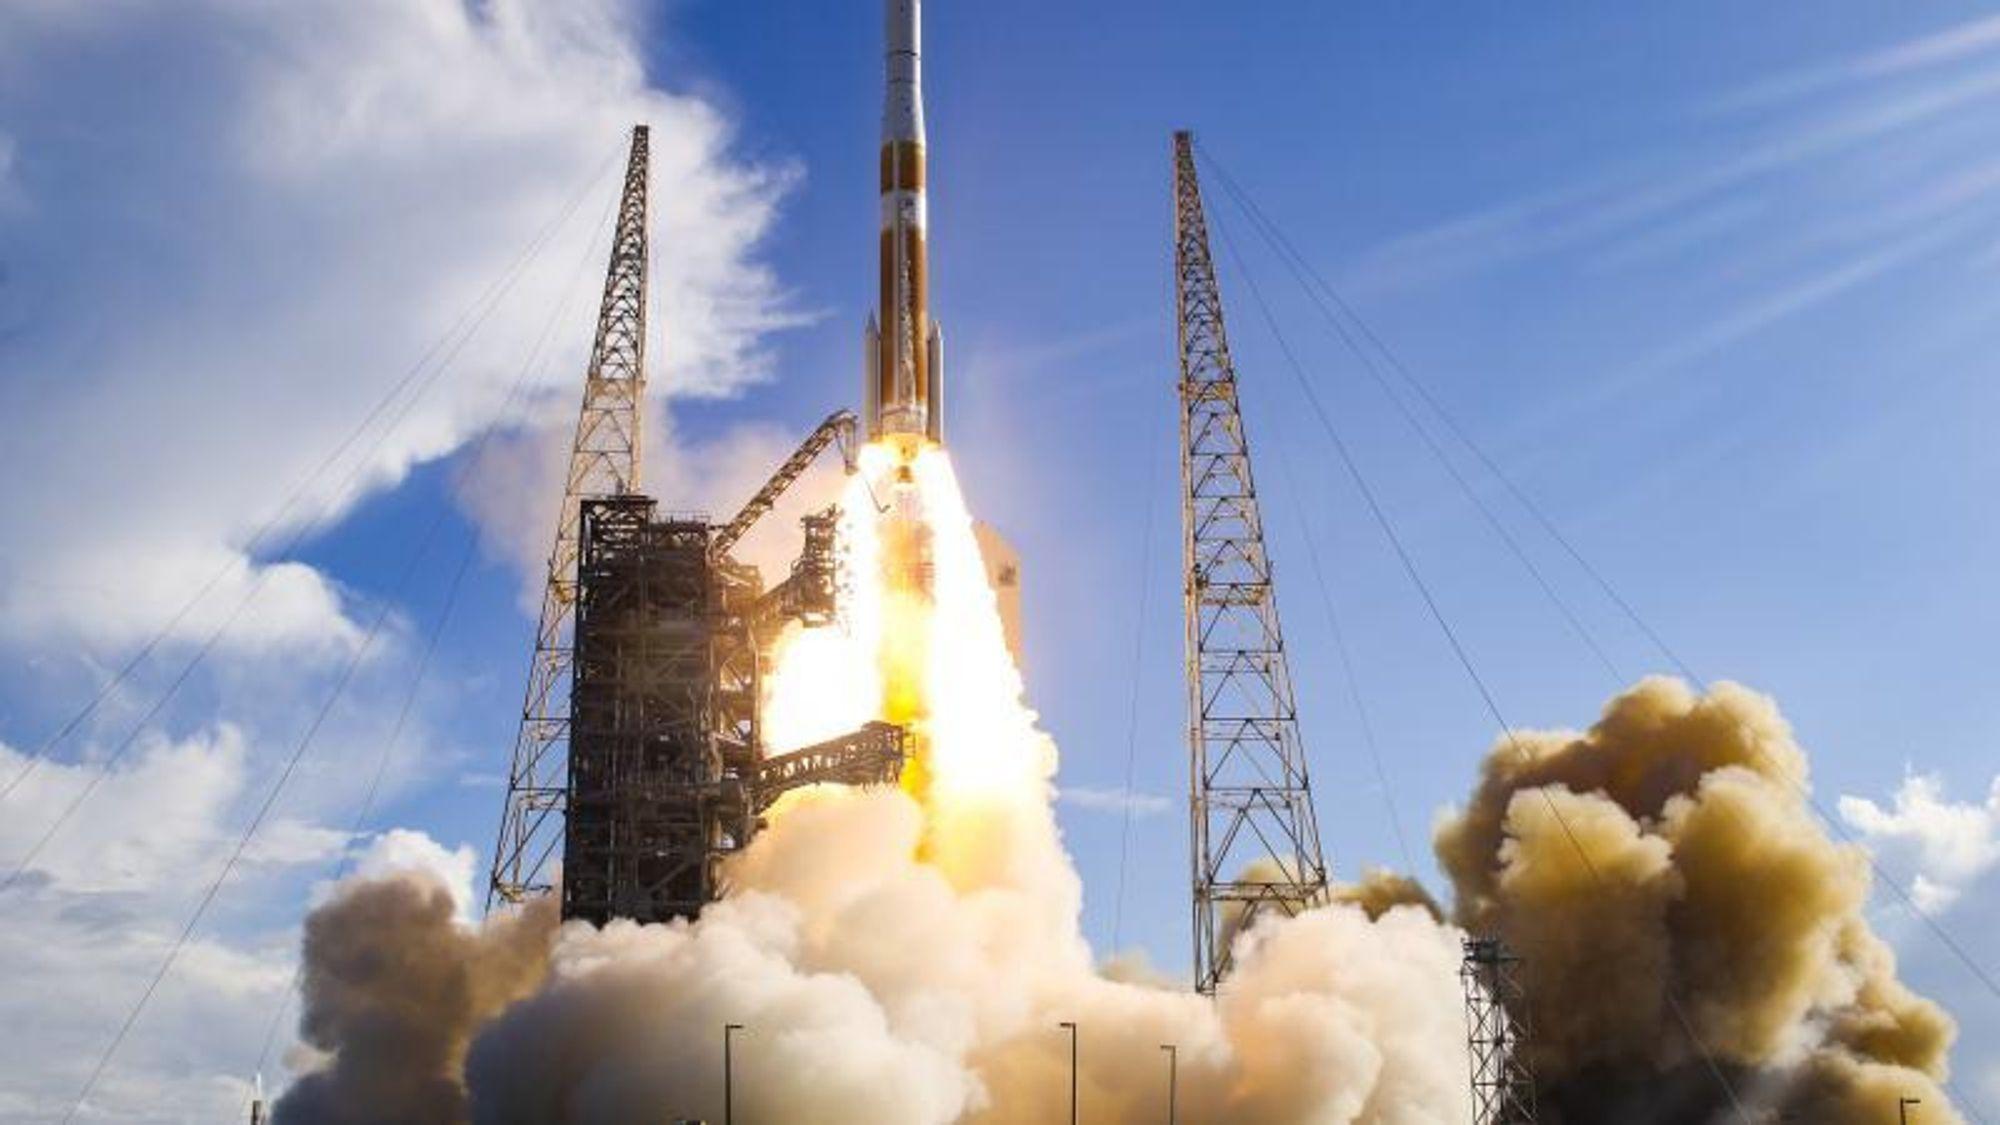 Opptil 20.000 satellitter vil bli sendt ut i kretsløp rundt Jorden i løpet av de kommende årene for å forsyne oss alle med internett. Og 30.000 flere kan følge etter hvis romfartsbedriften SpaceX får ja på sin neste søknad.